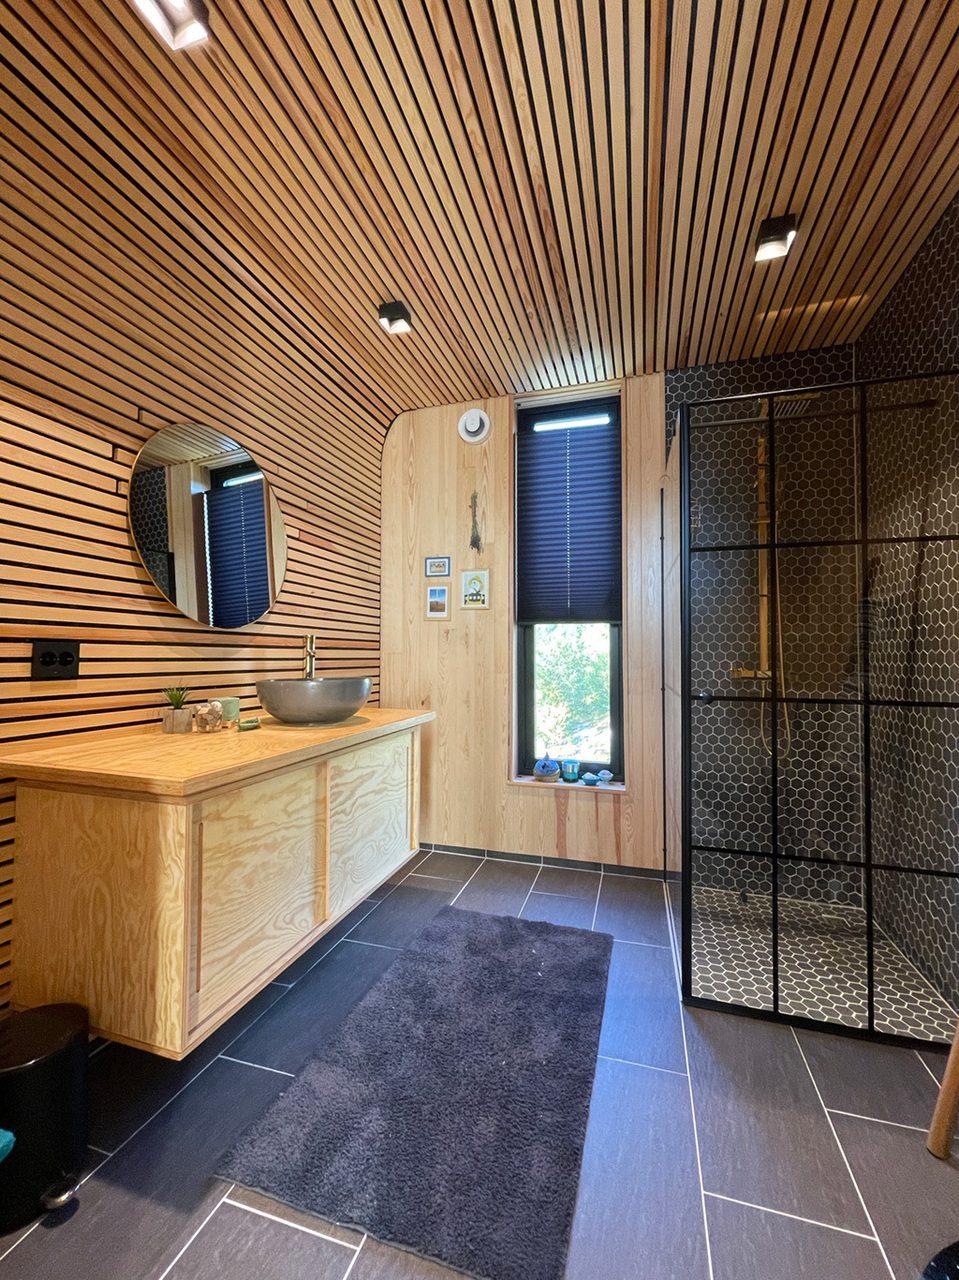 Interior design, Plumbing fixture, Cabinetry, Wood, Door, Flooring, Countertop, Building, Floor, Hall